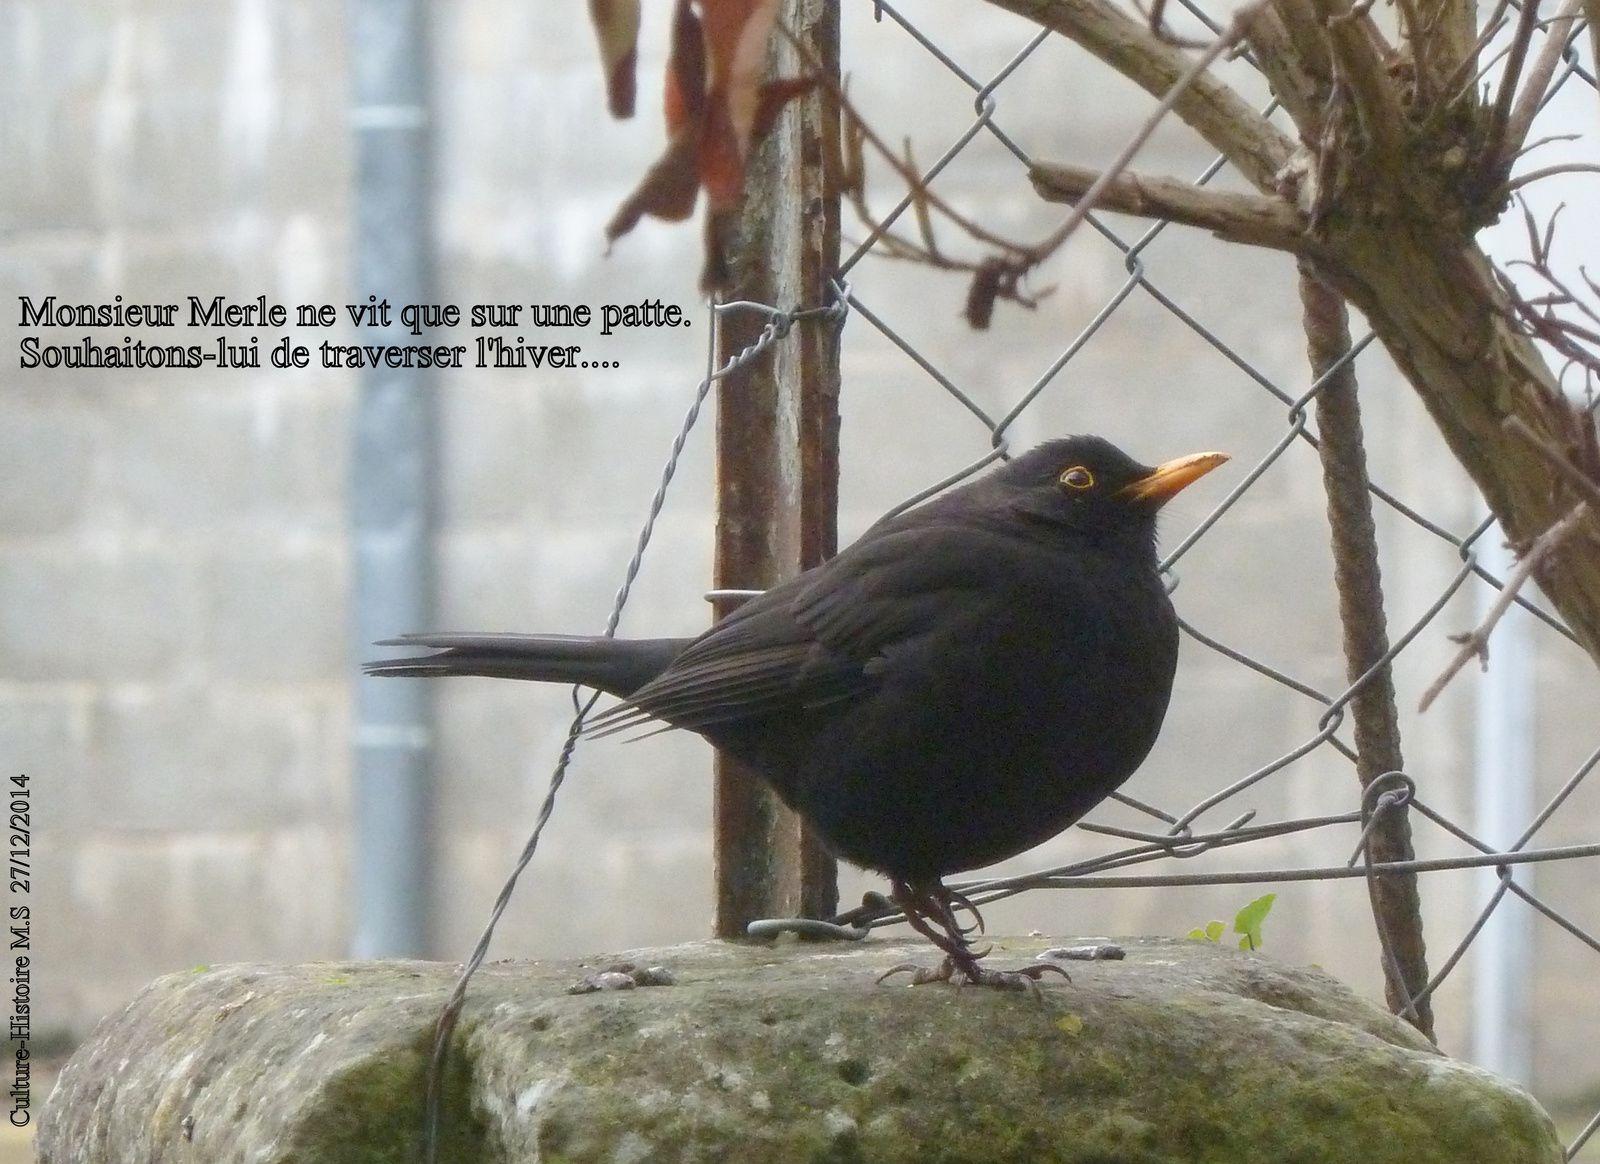 Au passage un gentil oiseau... malgré son handicap, un sacré sportif, même sur une seule jambe.